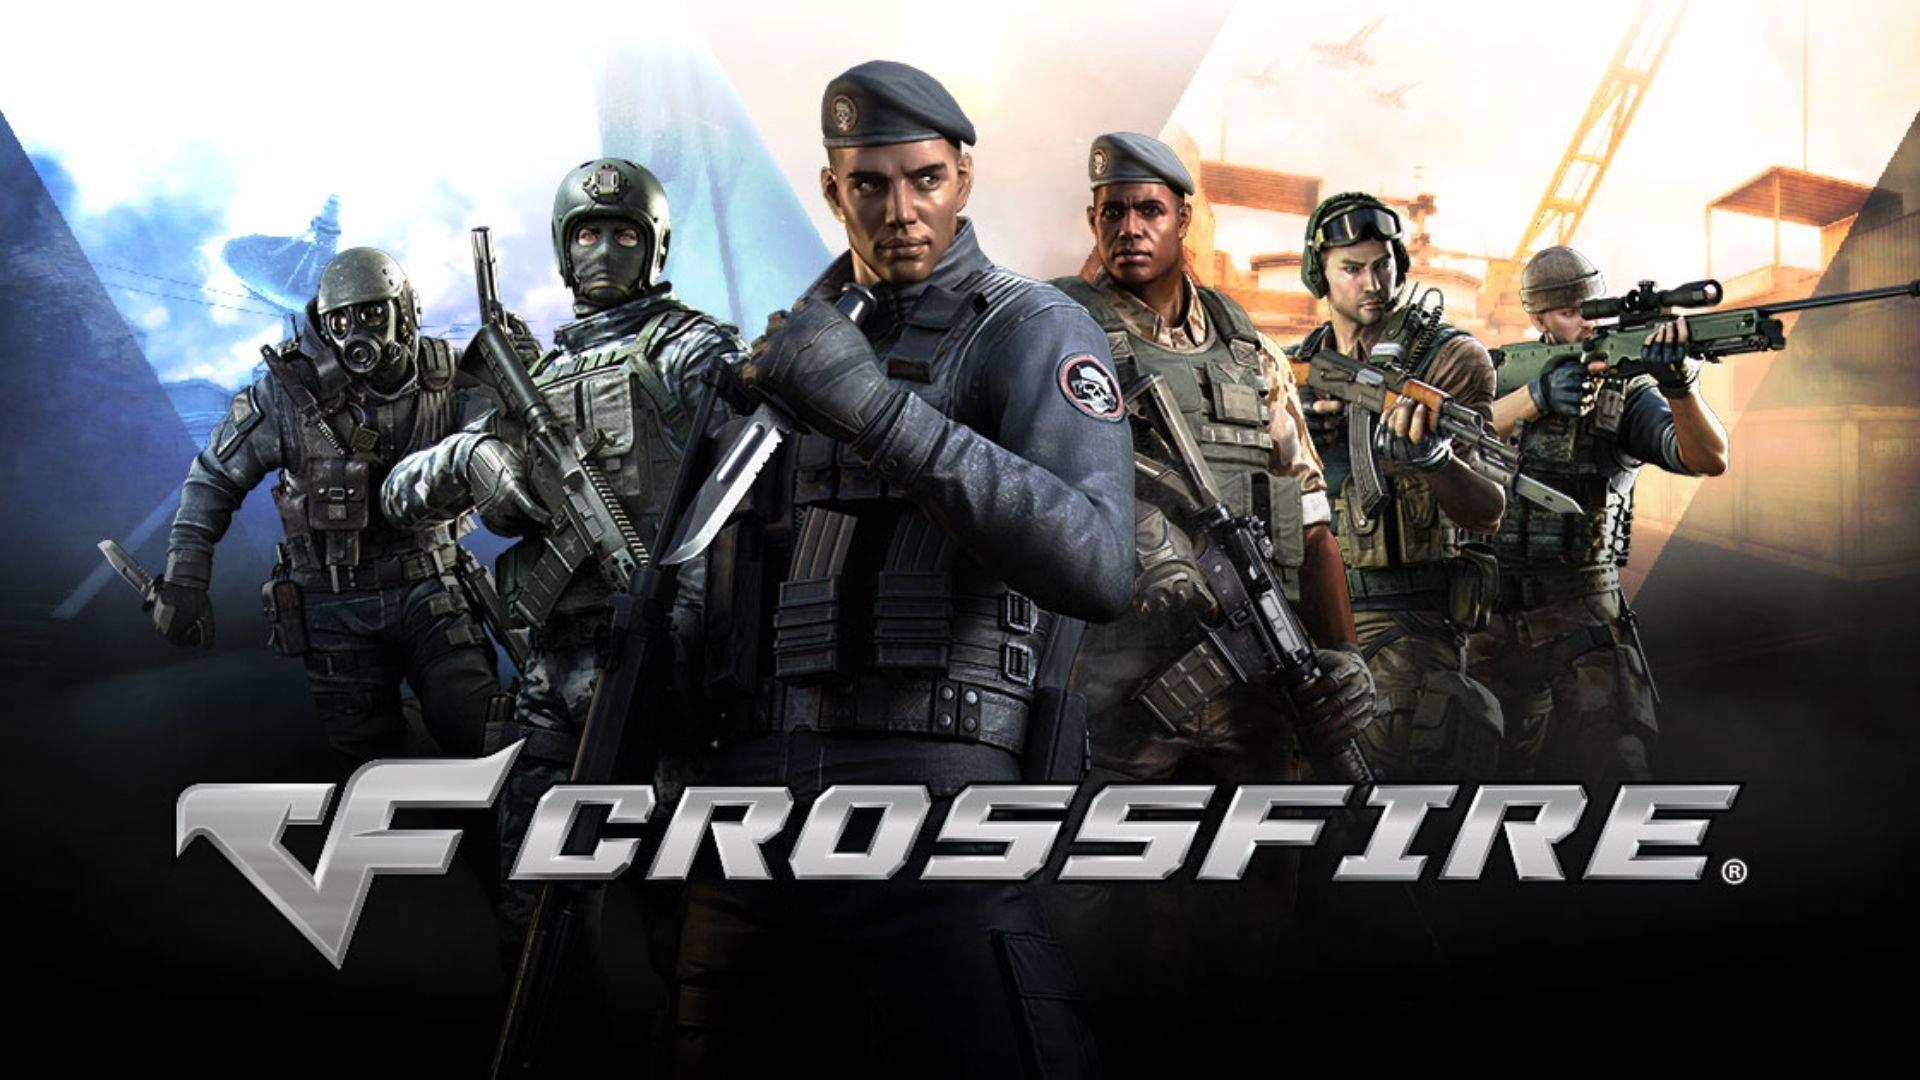 Crossfire é um sucesso entre os jogos de tiro para PC fraco (Divulgação/Z8Games)